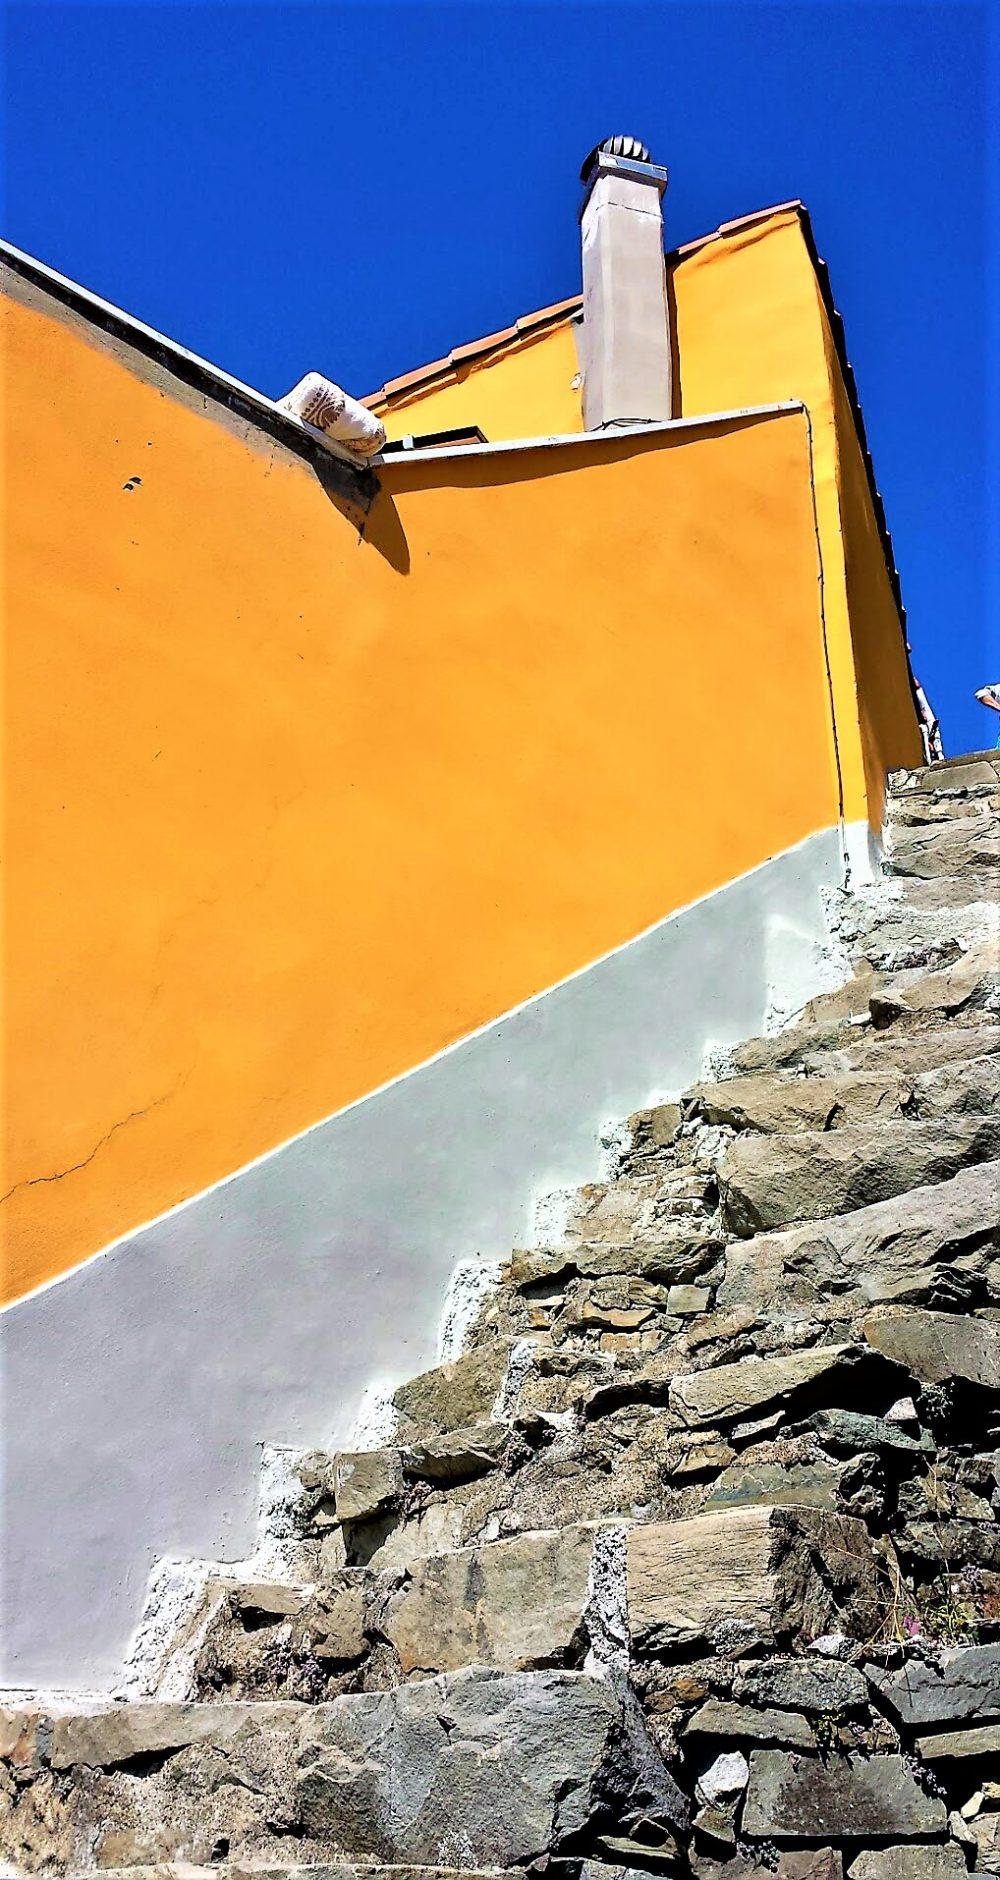 La scalinata e la casa arancione, Monesteroli